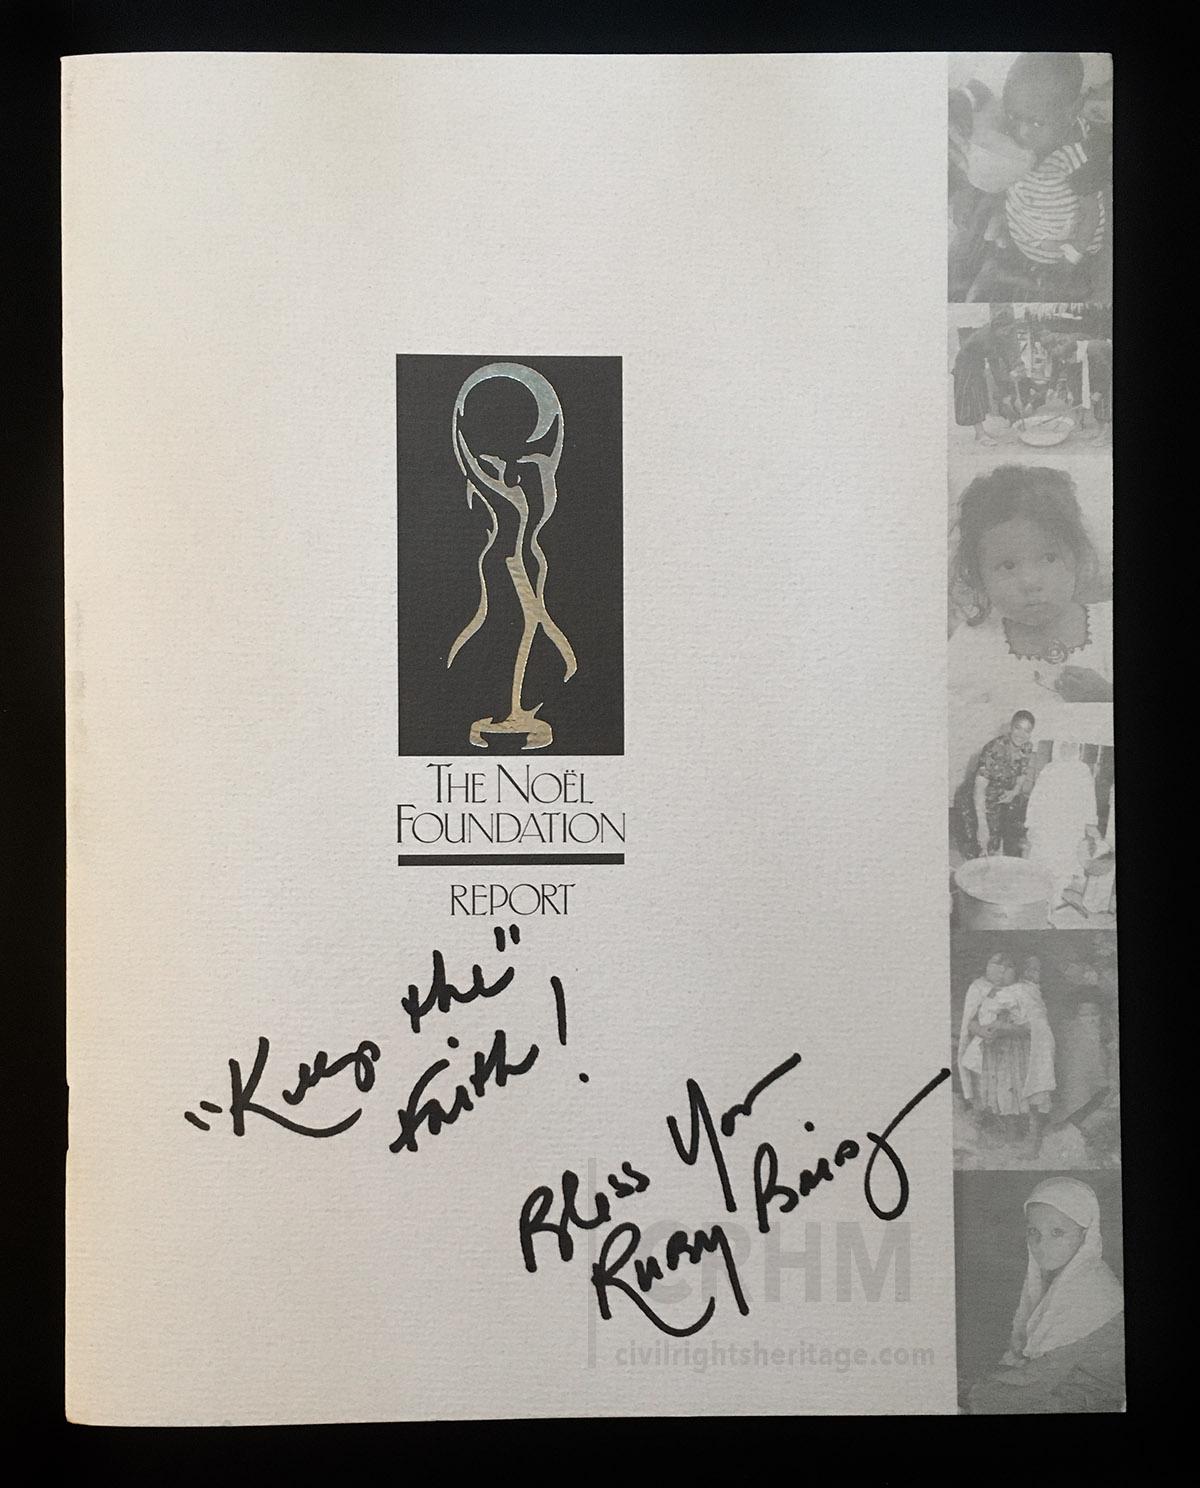 Ruby-Bridges-Noel-Foundation-1-WM